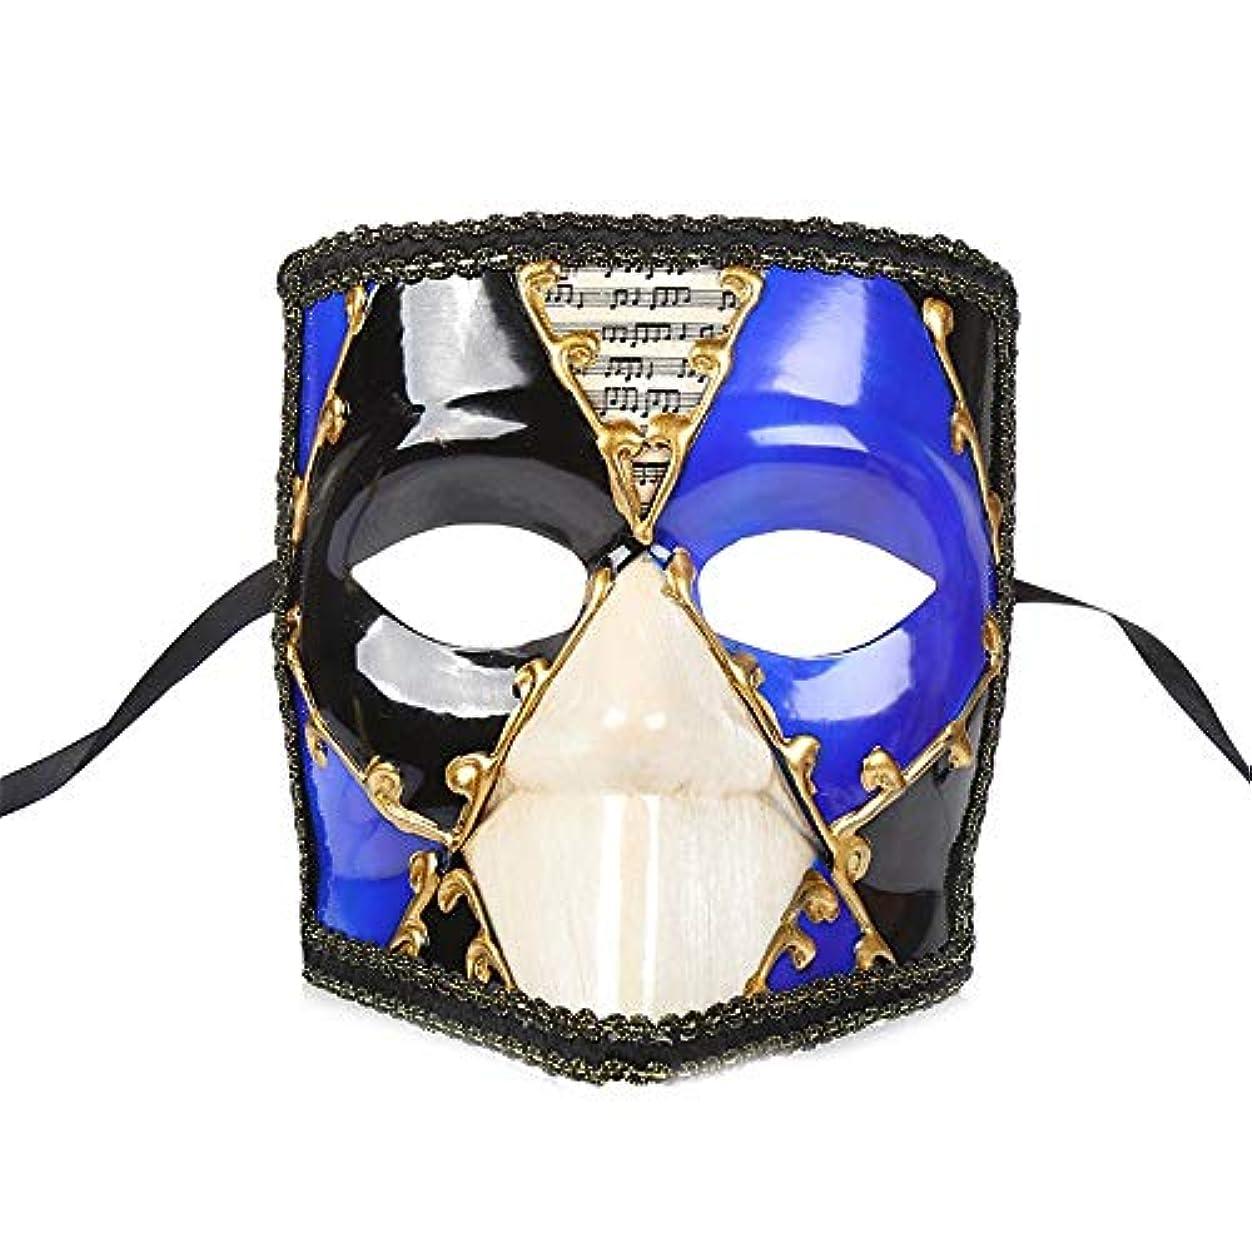 ファンシースチュワード後継ダンスマスク ピエロマスクヴィンテージマスカレードショーデコレーションコスプレナイトクラブプラスチック厚いマスク ホリデーパーティー用品 (色 : 青, サイズ : 18x15cm)